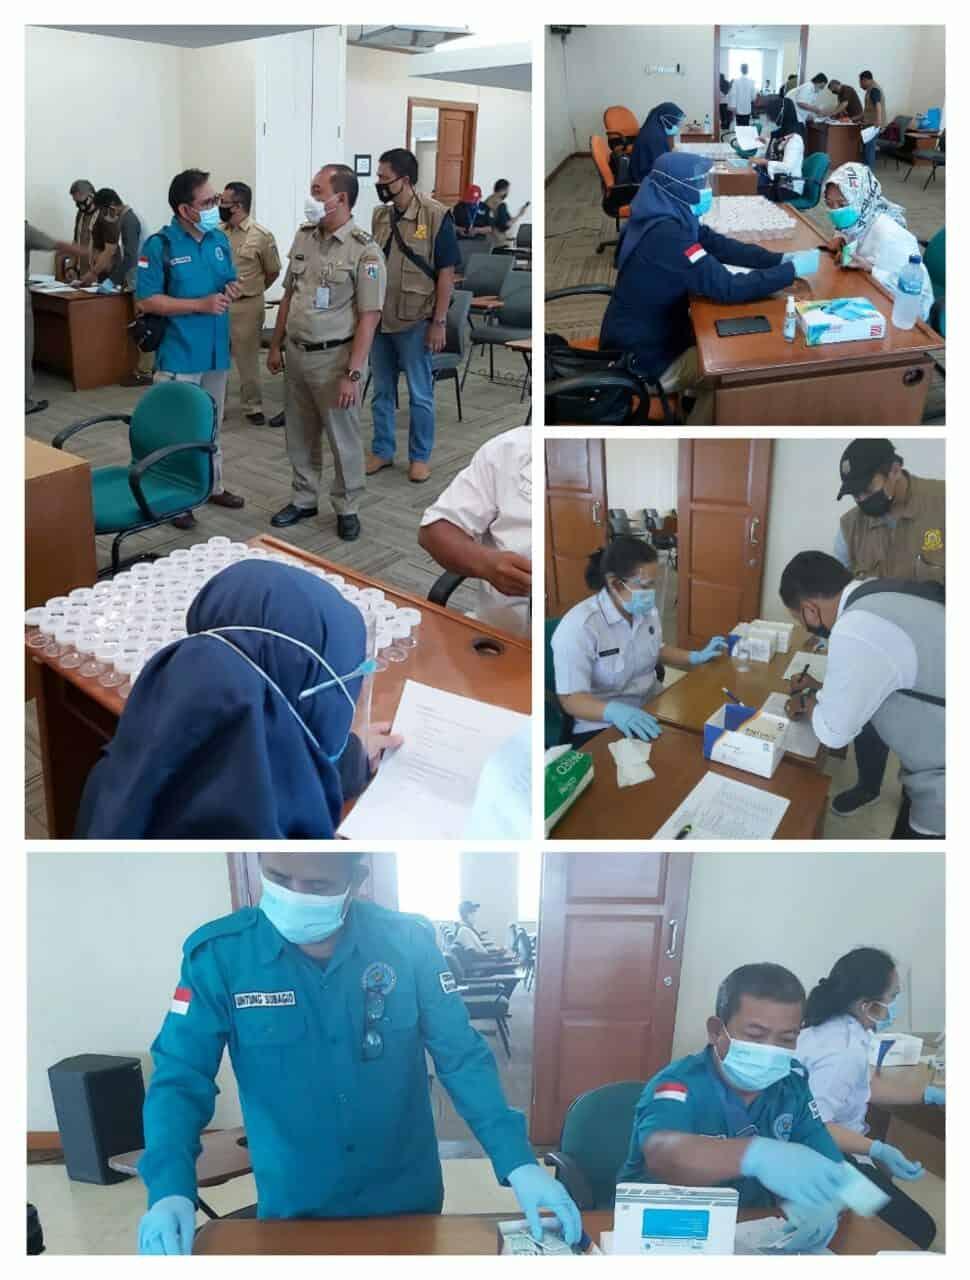 Pemeriksaan Narkotika melalui Tes Urine bagi Calon Anggota FKDM (Forum Kewaspadaan Dini Masyarakat) Kelurahan dan Kecamatan di wilayah Jakarta Barat